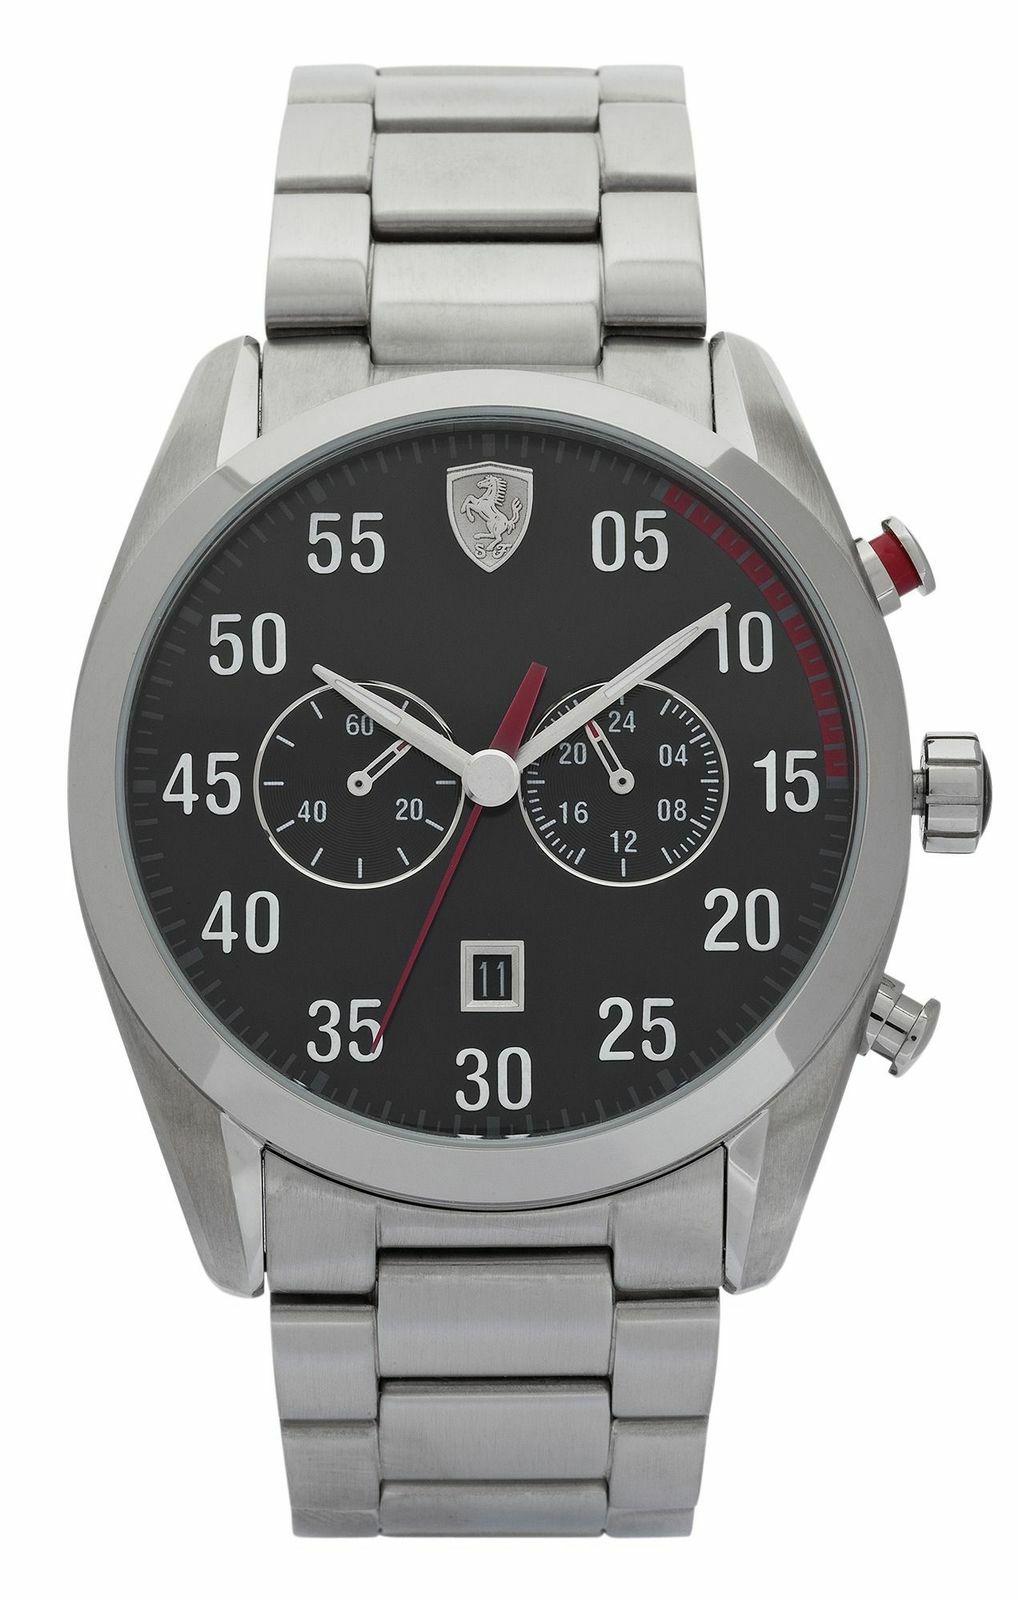 Scuderia Ferrari Men's D50 Stainless Steel 42mm Watch @ Argos eBay £34.99 Delivered